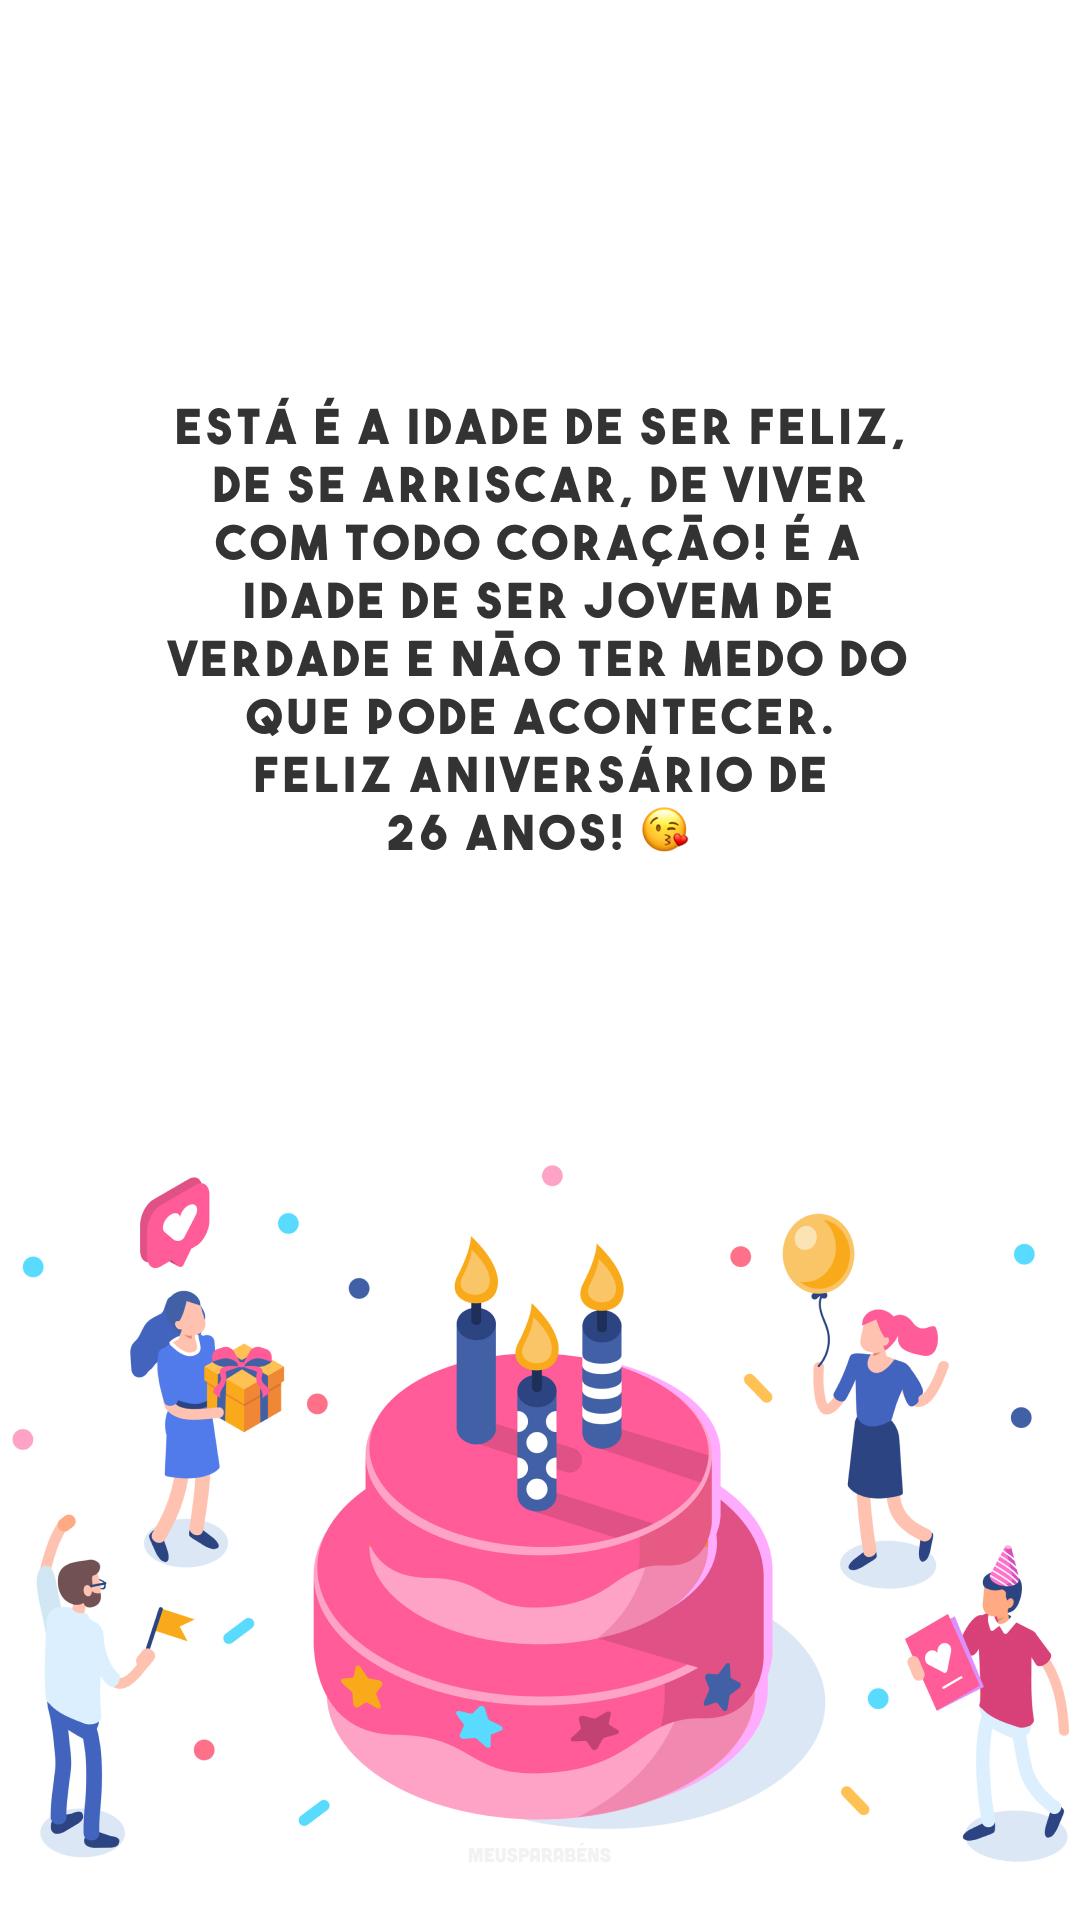 Está é a idade de ser feliz, de se arriscar, de viver com todo coração! É a idade de ser jovem de verdade e não ter medo do que pode acontecer. Feliz aniversário de 26 anos! 😘